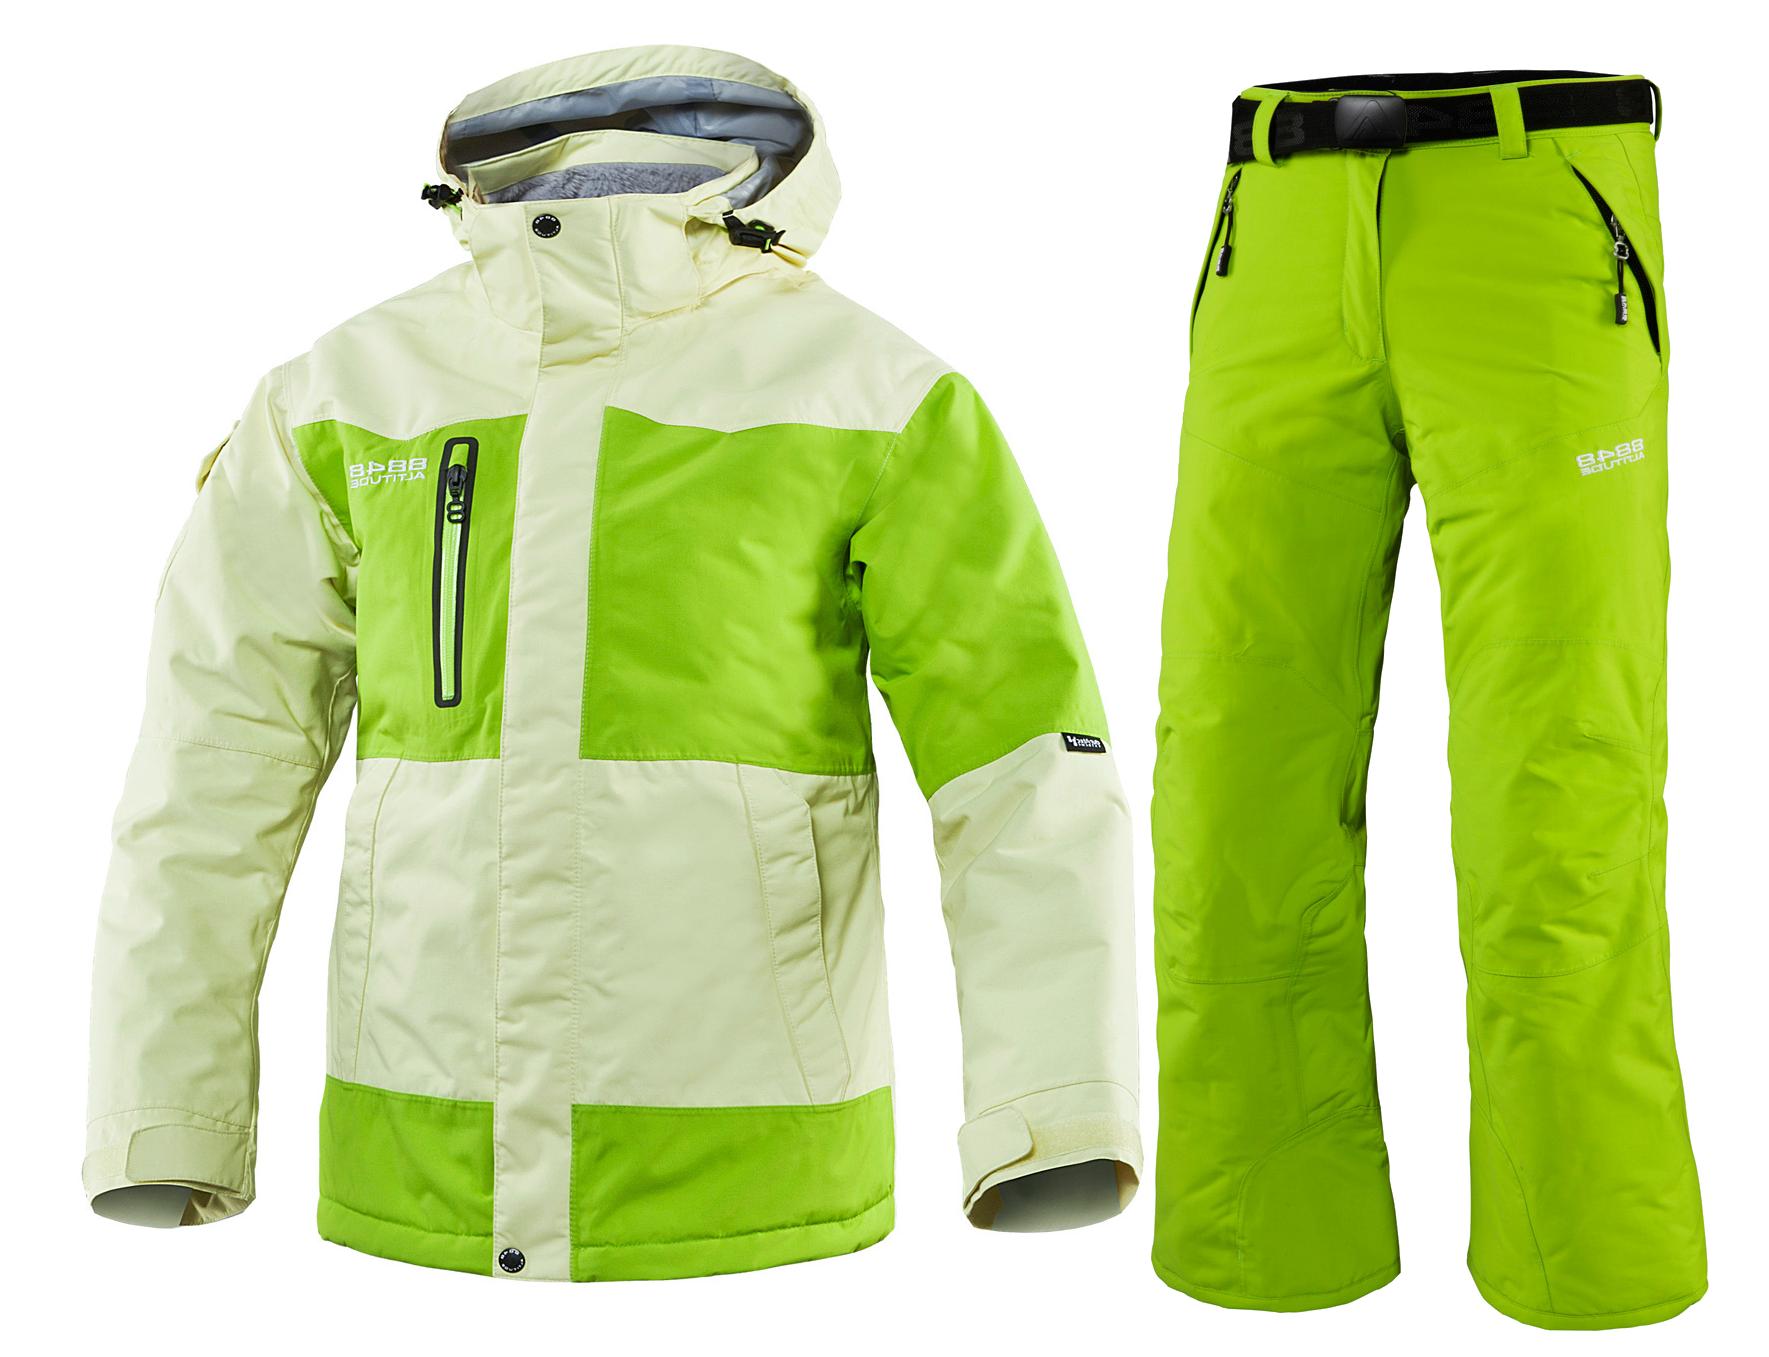 Горнолыжный костюм детский 8848 Altitude Milly/Tomber